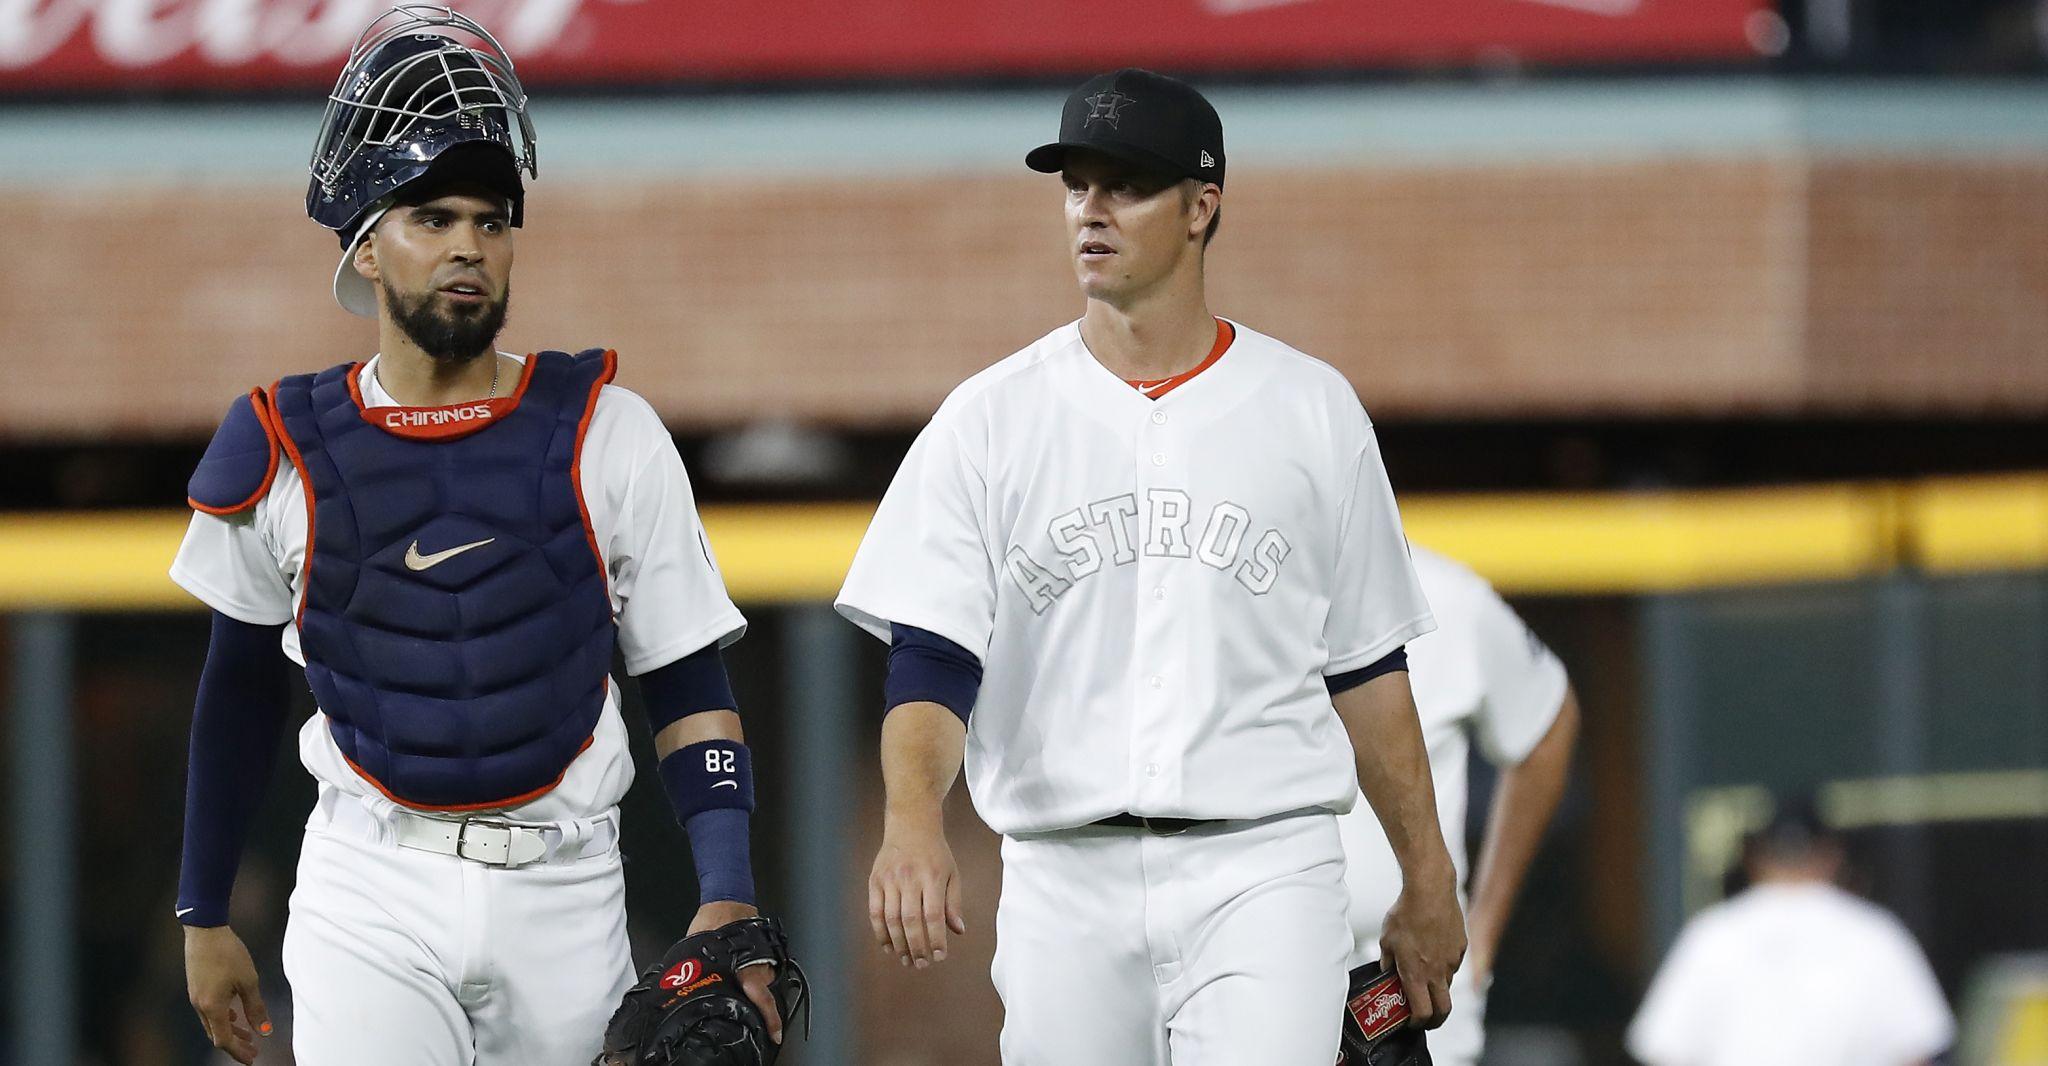 Astros, Angels begin Players Weekend series